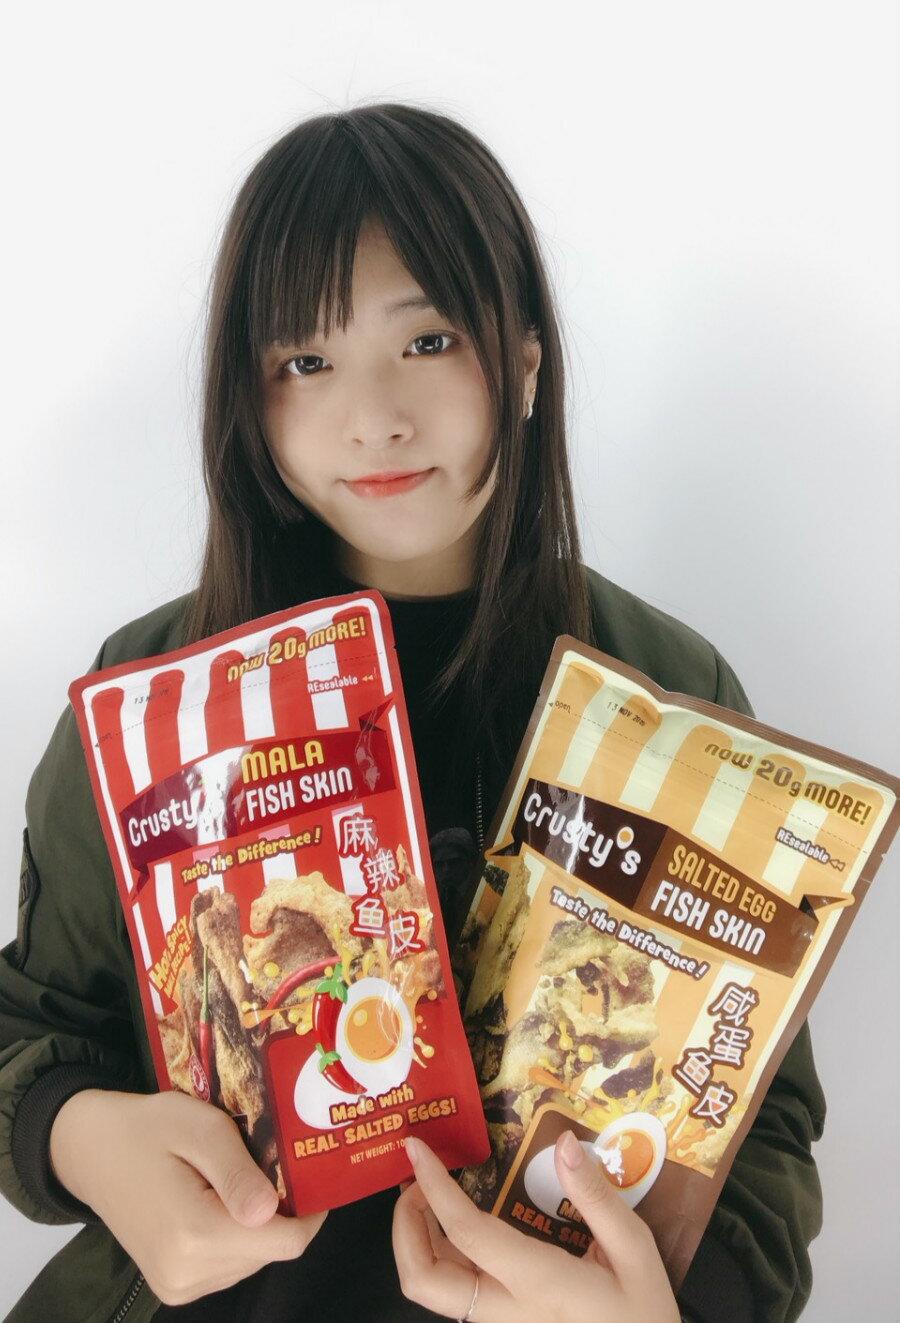 鹹蛋魚皮 熱銷冠軍 新加坡 麻辣魚皮 伴手禮 送禮 鹹蛋洋芋片 鹹蛋木薯片 現貨